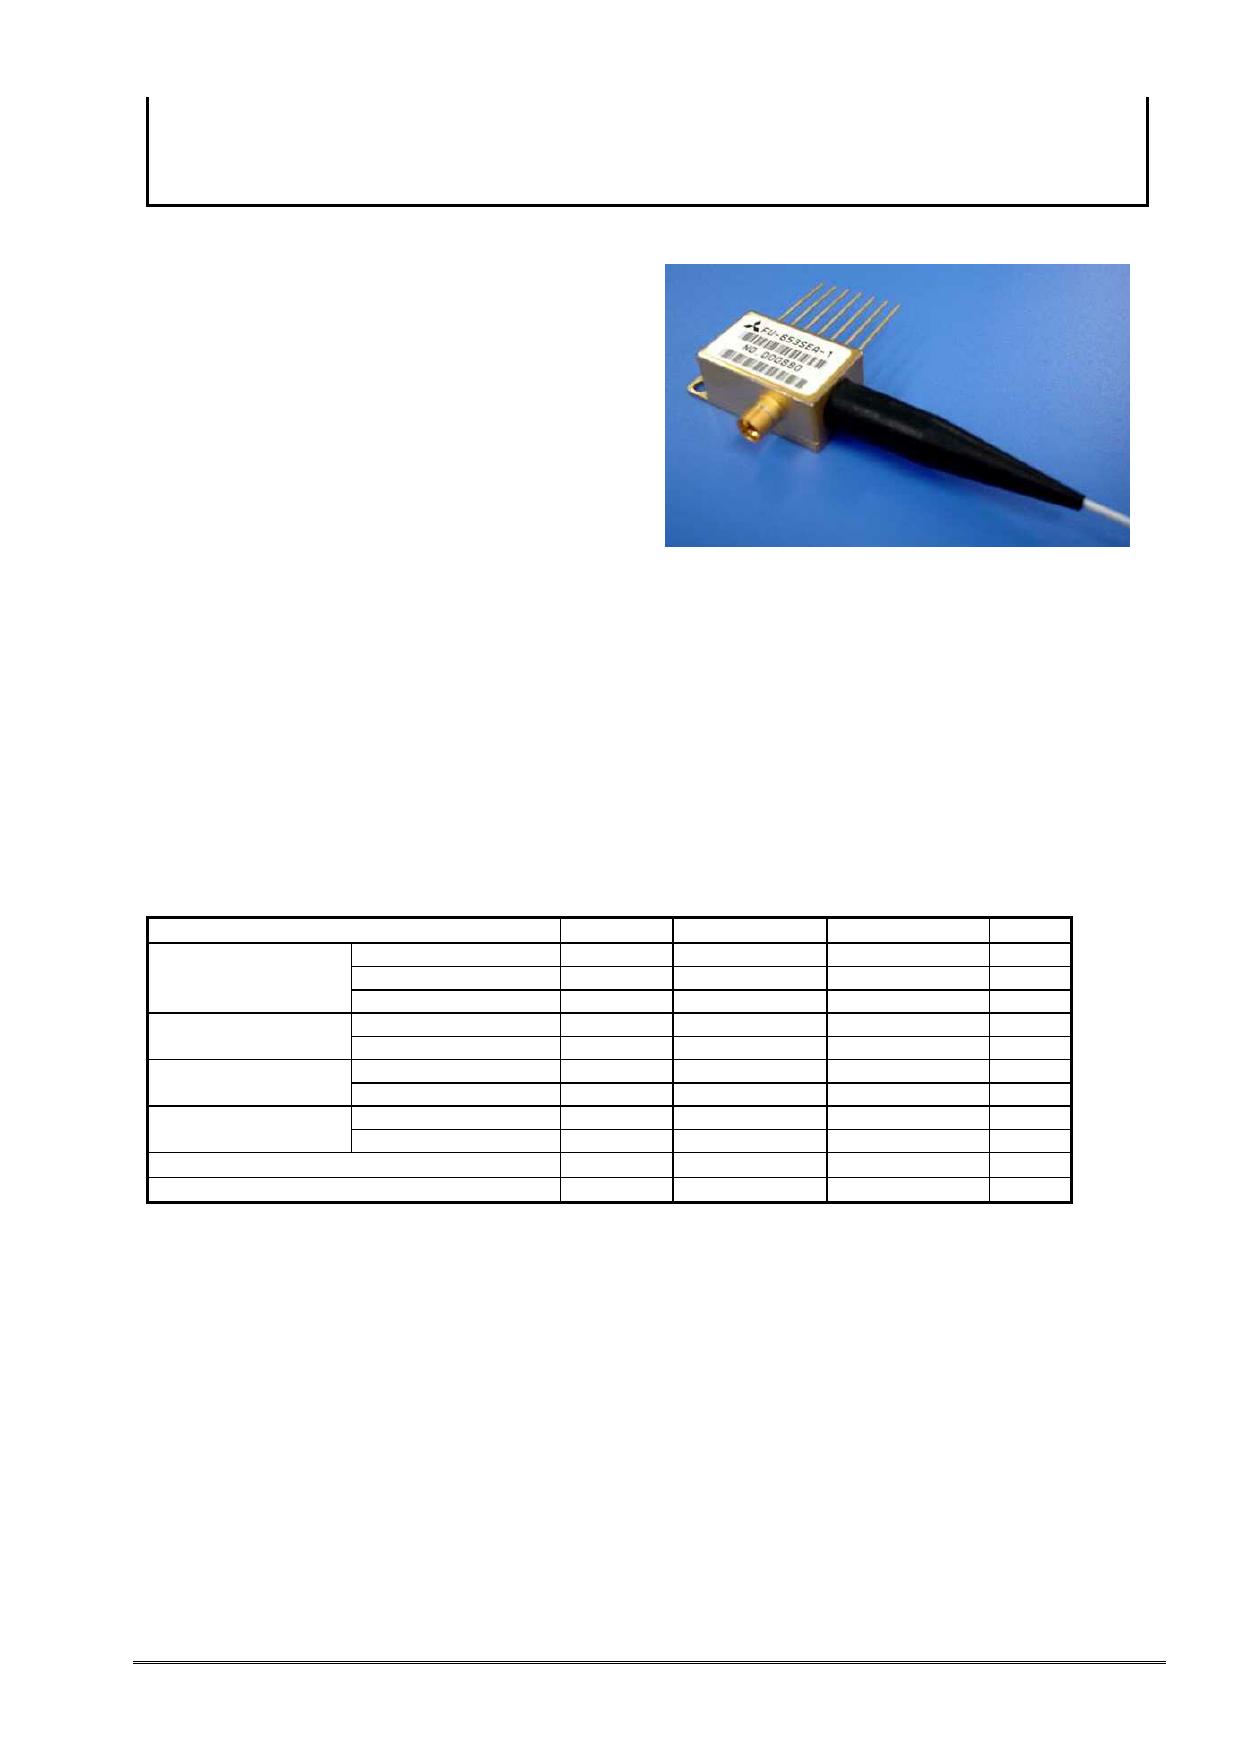 Ld242 pdf